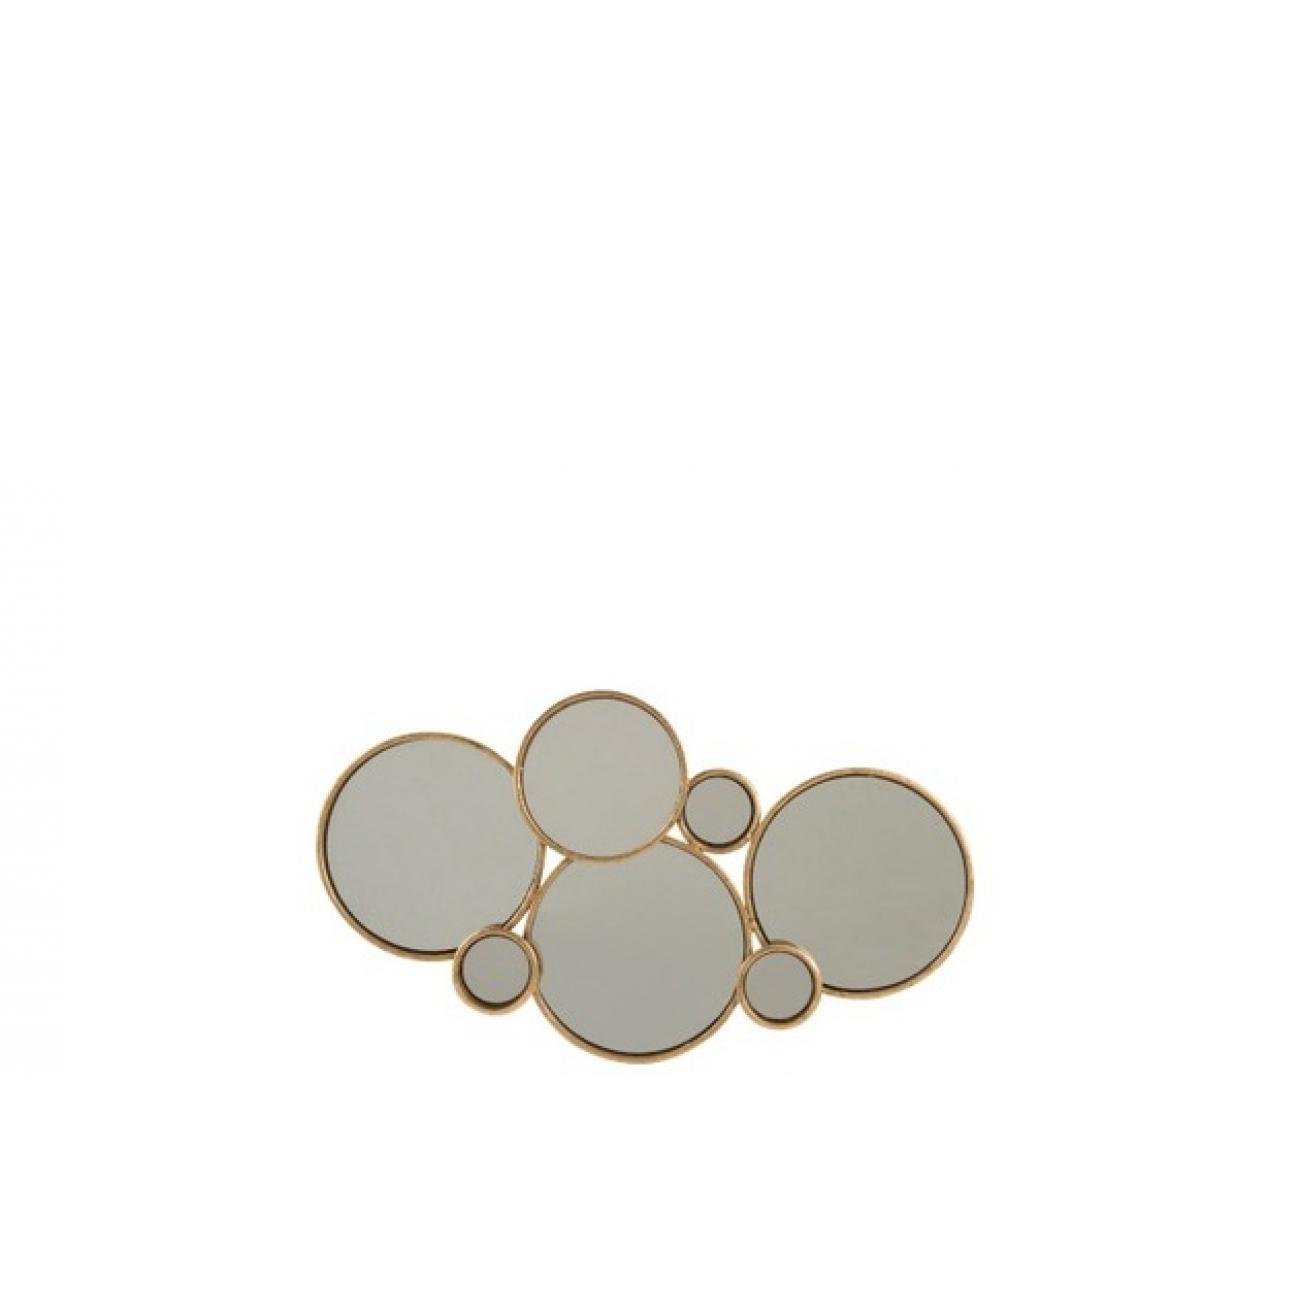 Зеркало J-LINE настенное фигурное в виде шести кругов в золотой металлической раме Бельгия